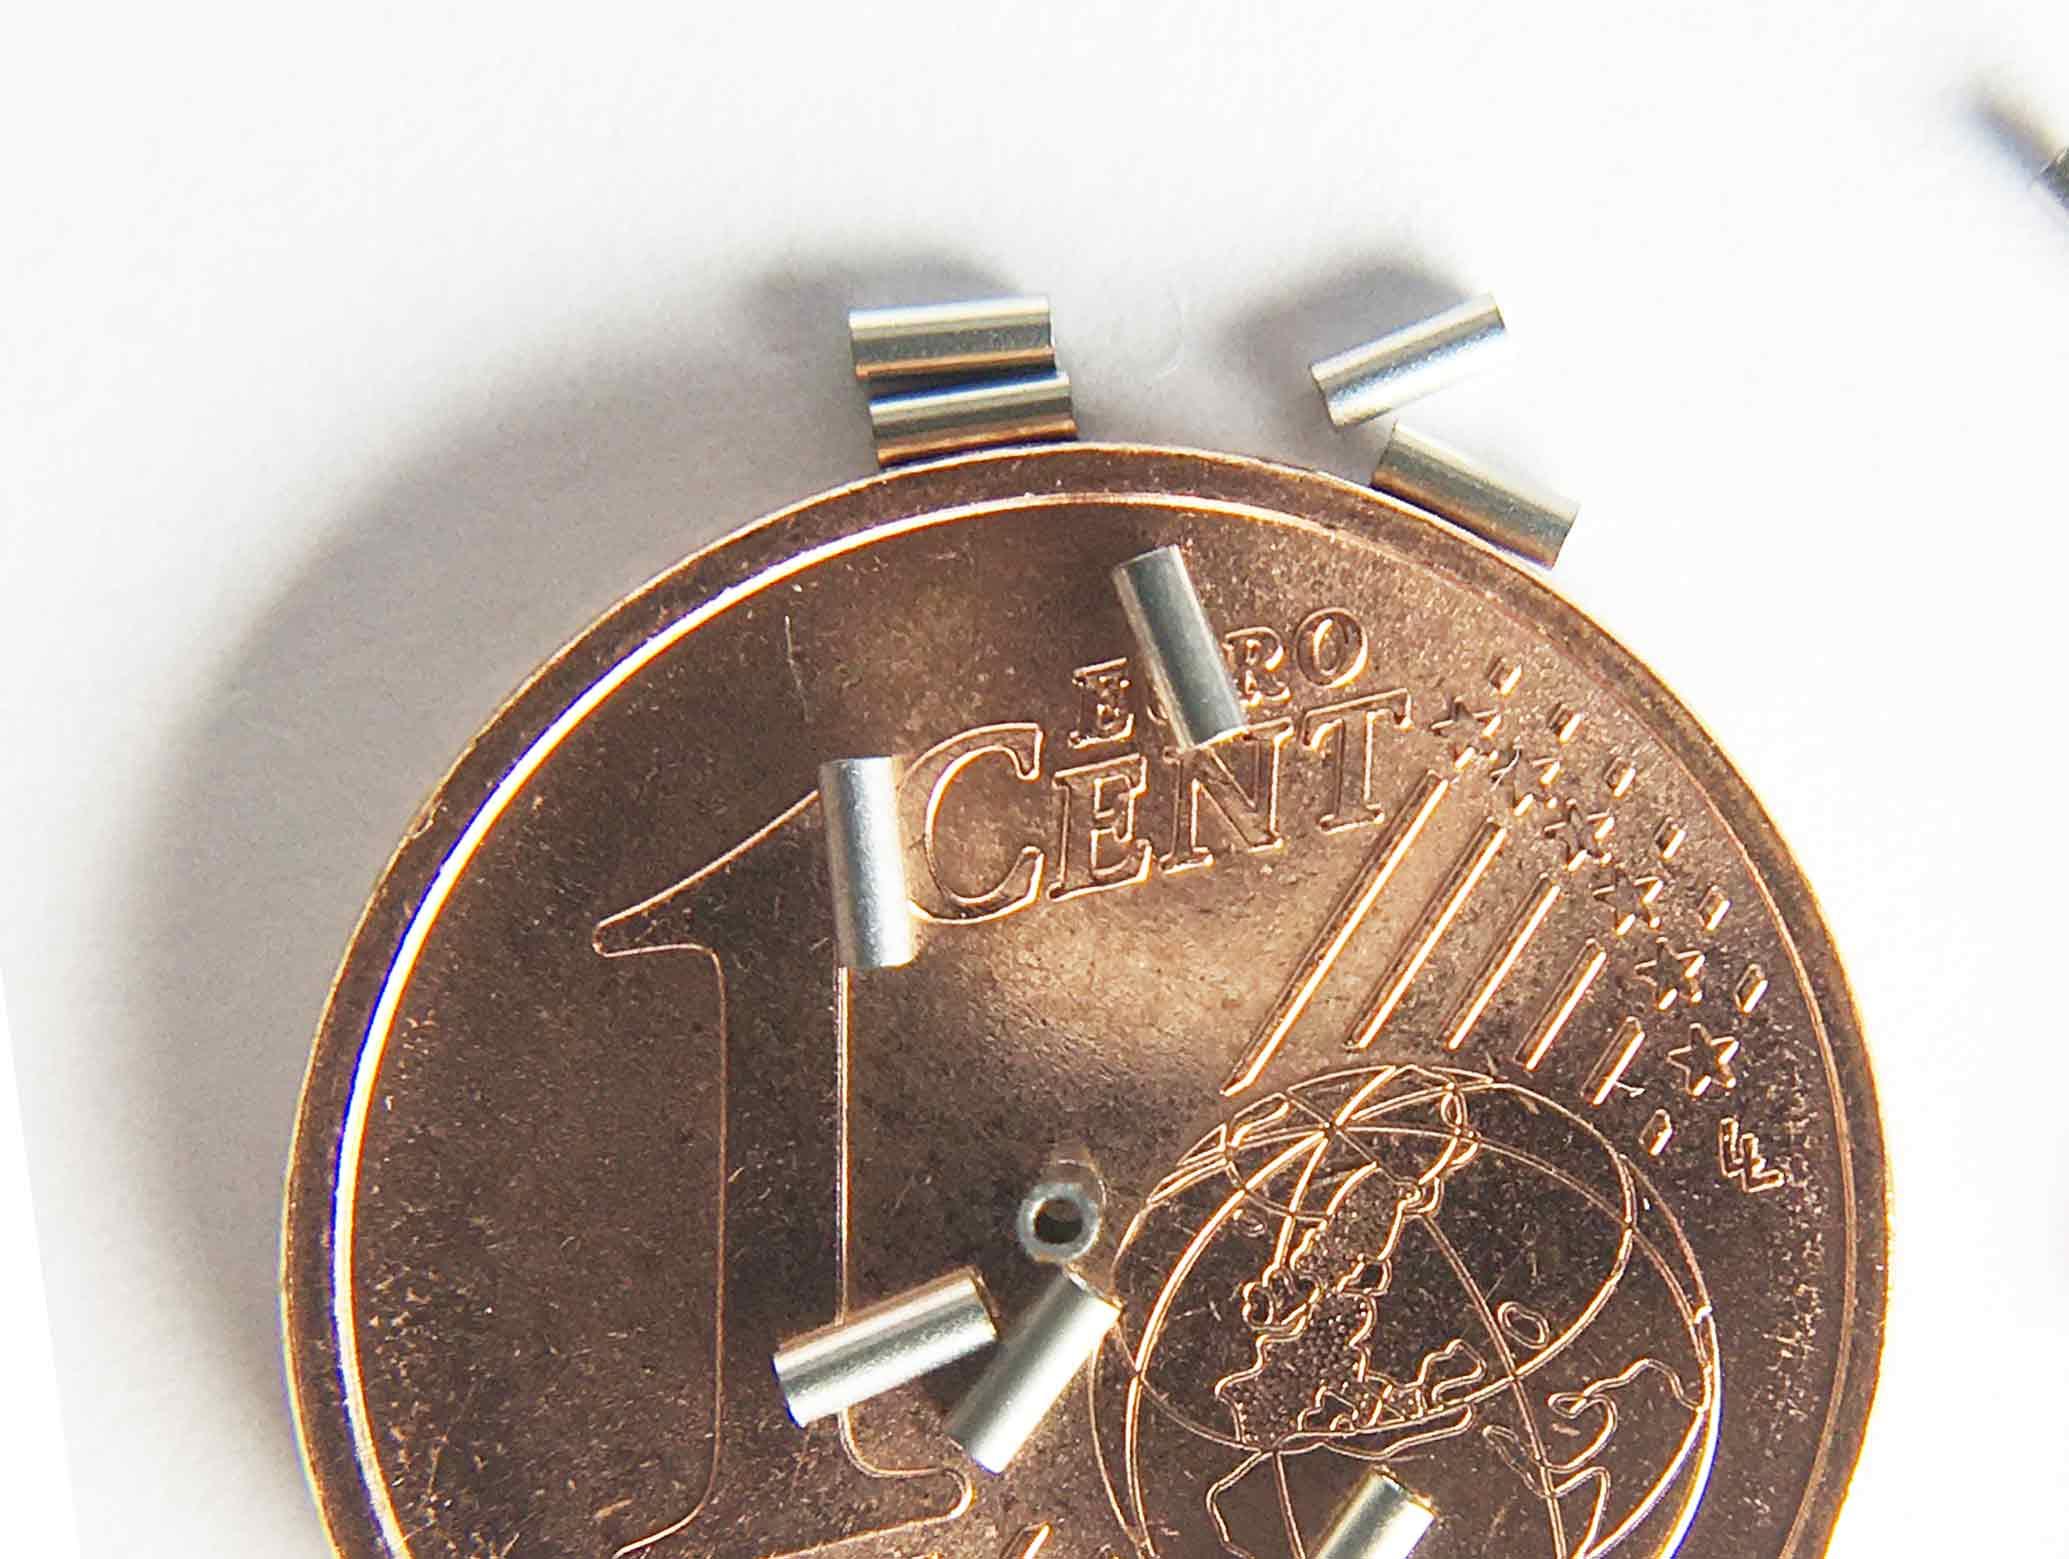 """SMT-Präzisionsröhrchen Crimpable Stop CT05 Innendurchmesser 0,5 mm / 0.02"""" Außendurchmesser 0,8 mm Länge 2,0 mm"""